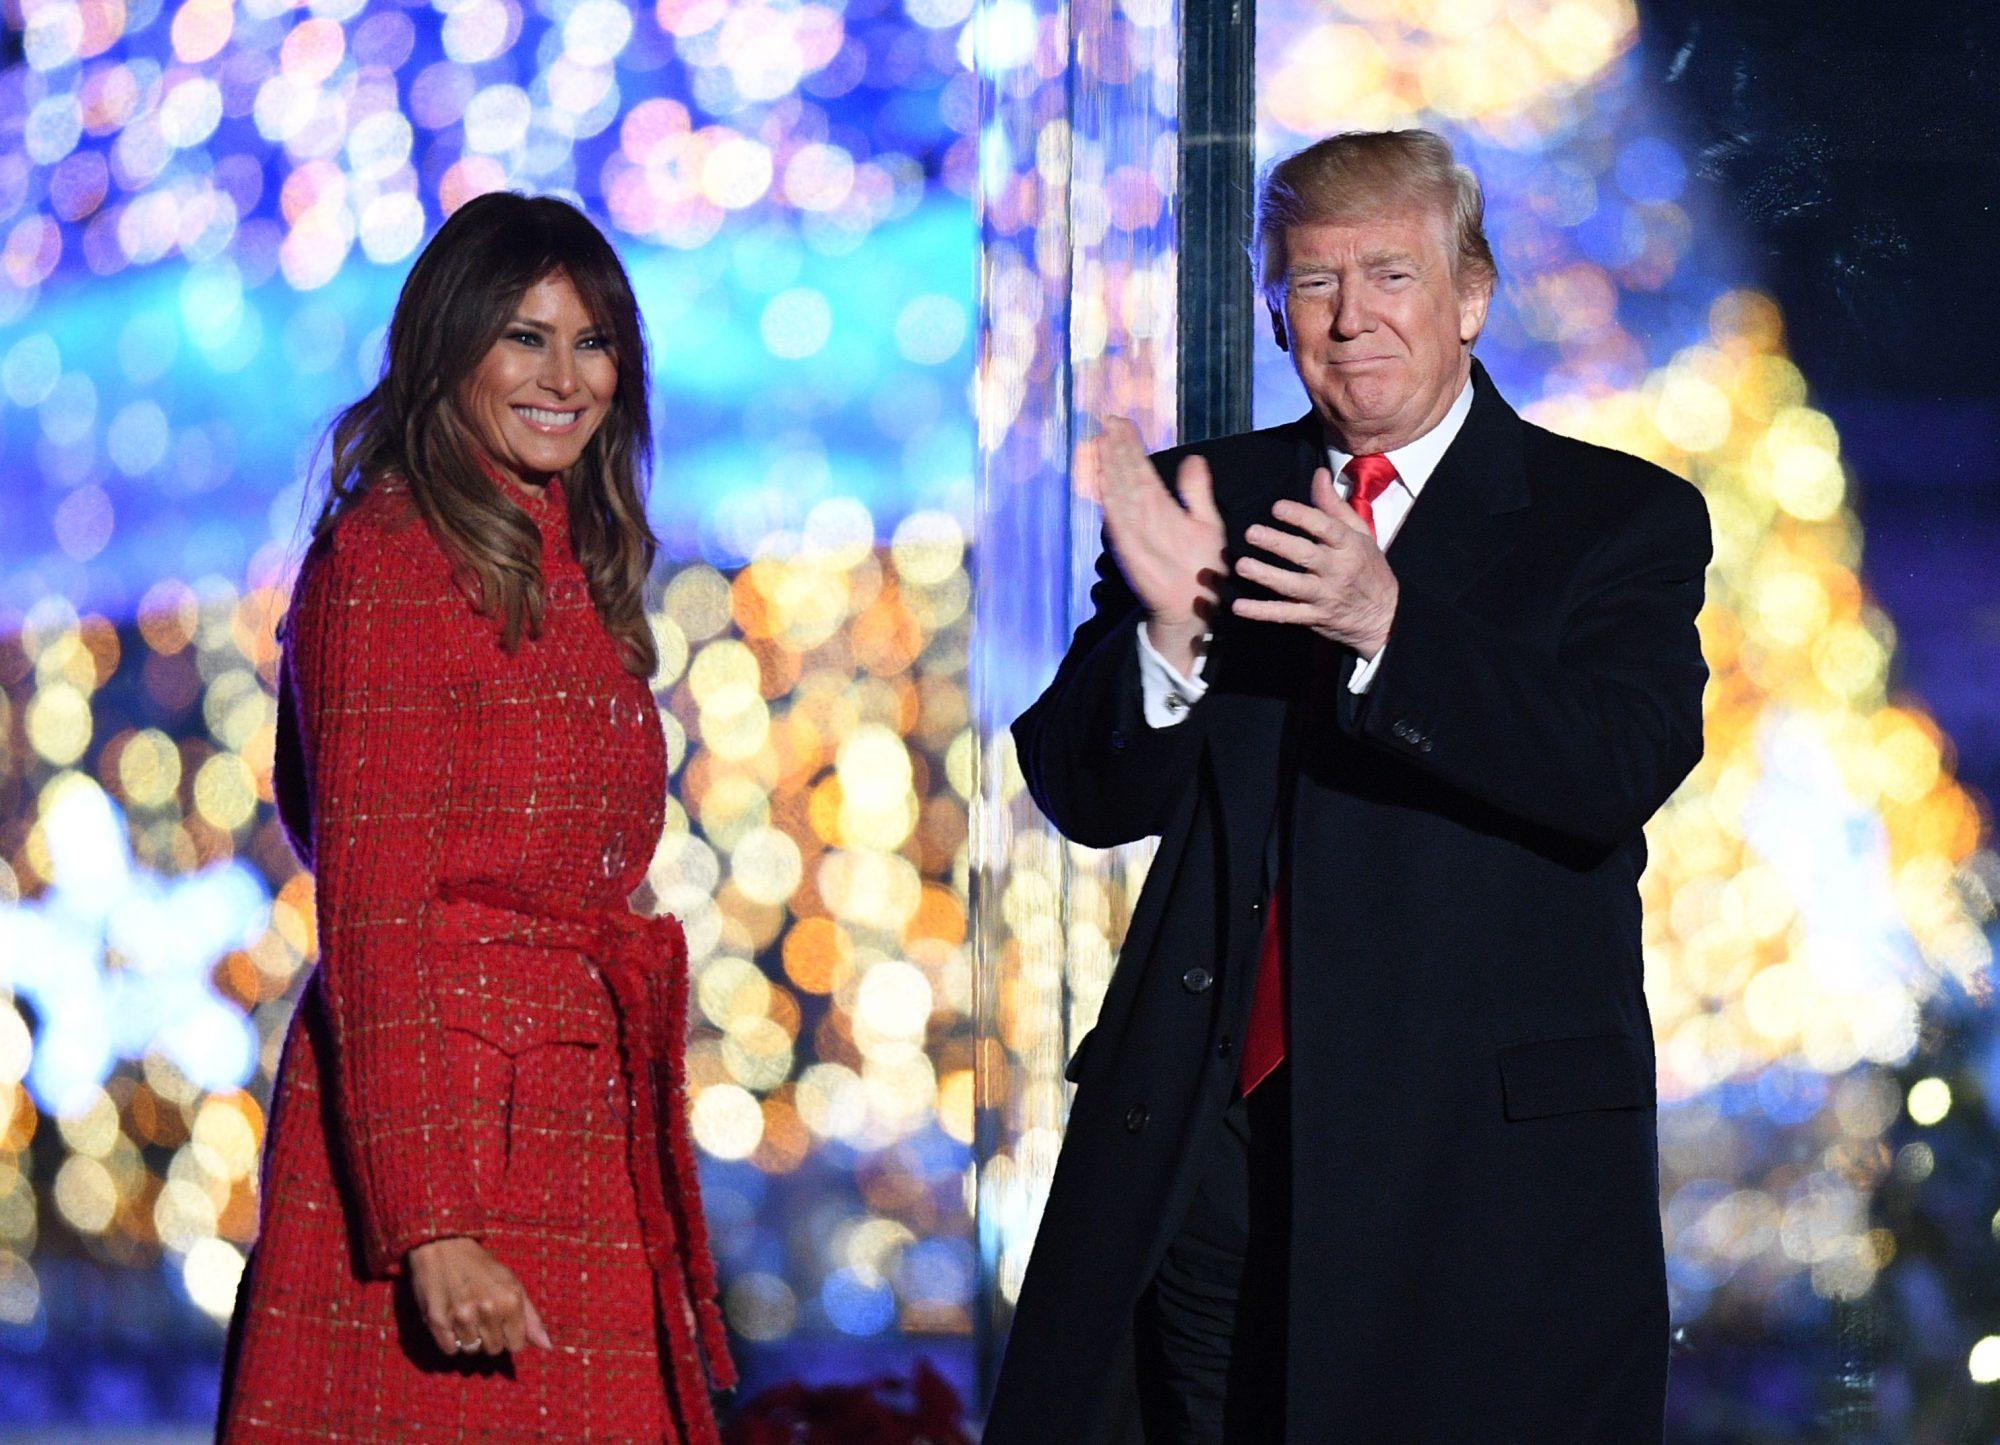 Donald Trump, Melania Trump, abrigo rojo, chanel,